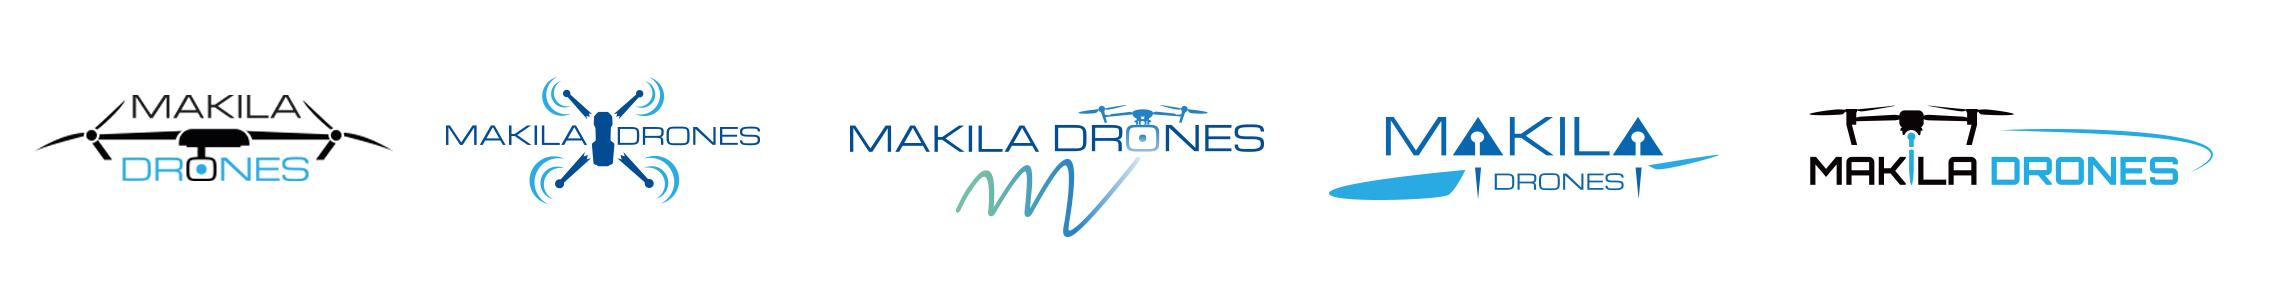 logos de drones